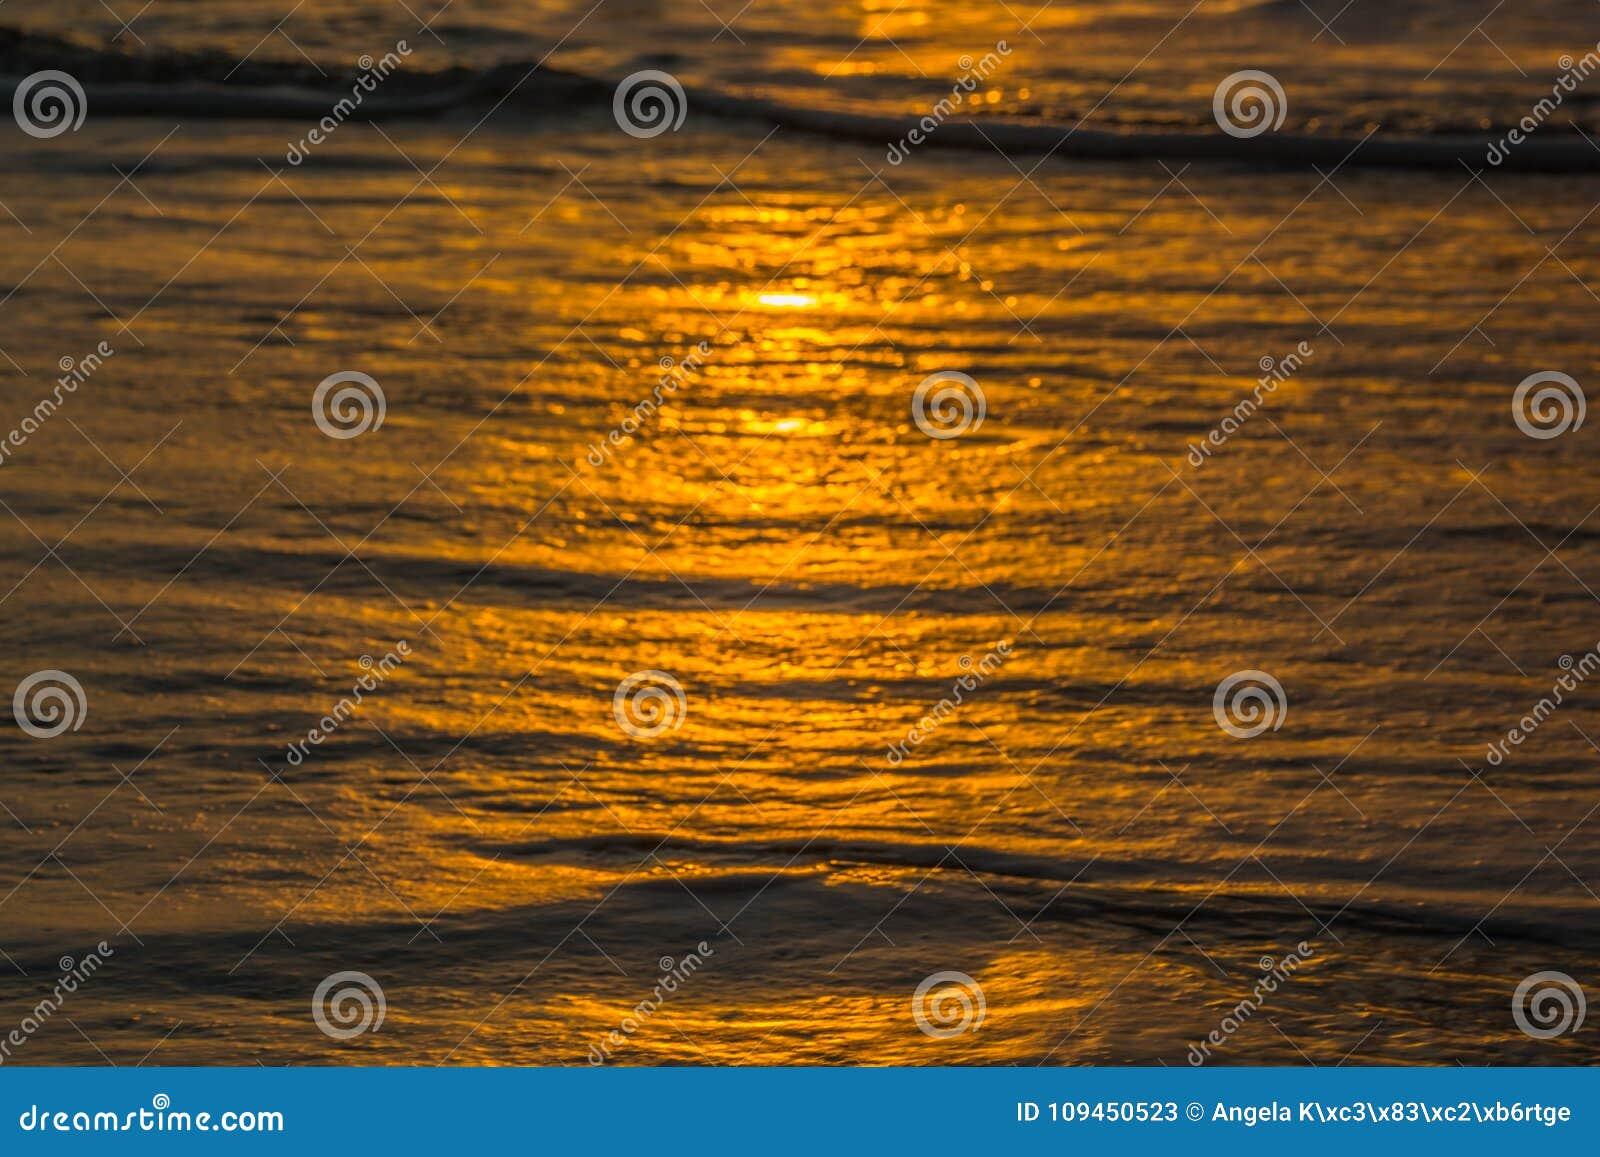 Пляж с малыми волнами на Атлантическом океане